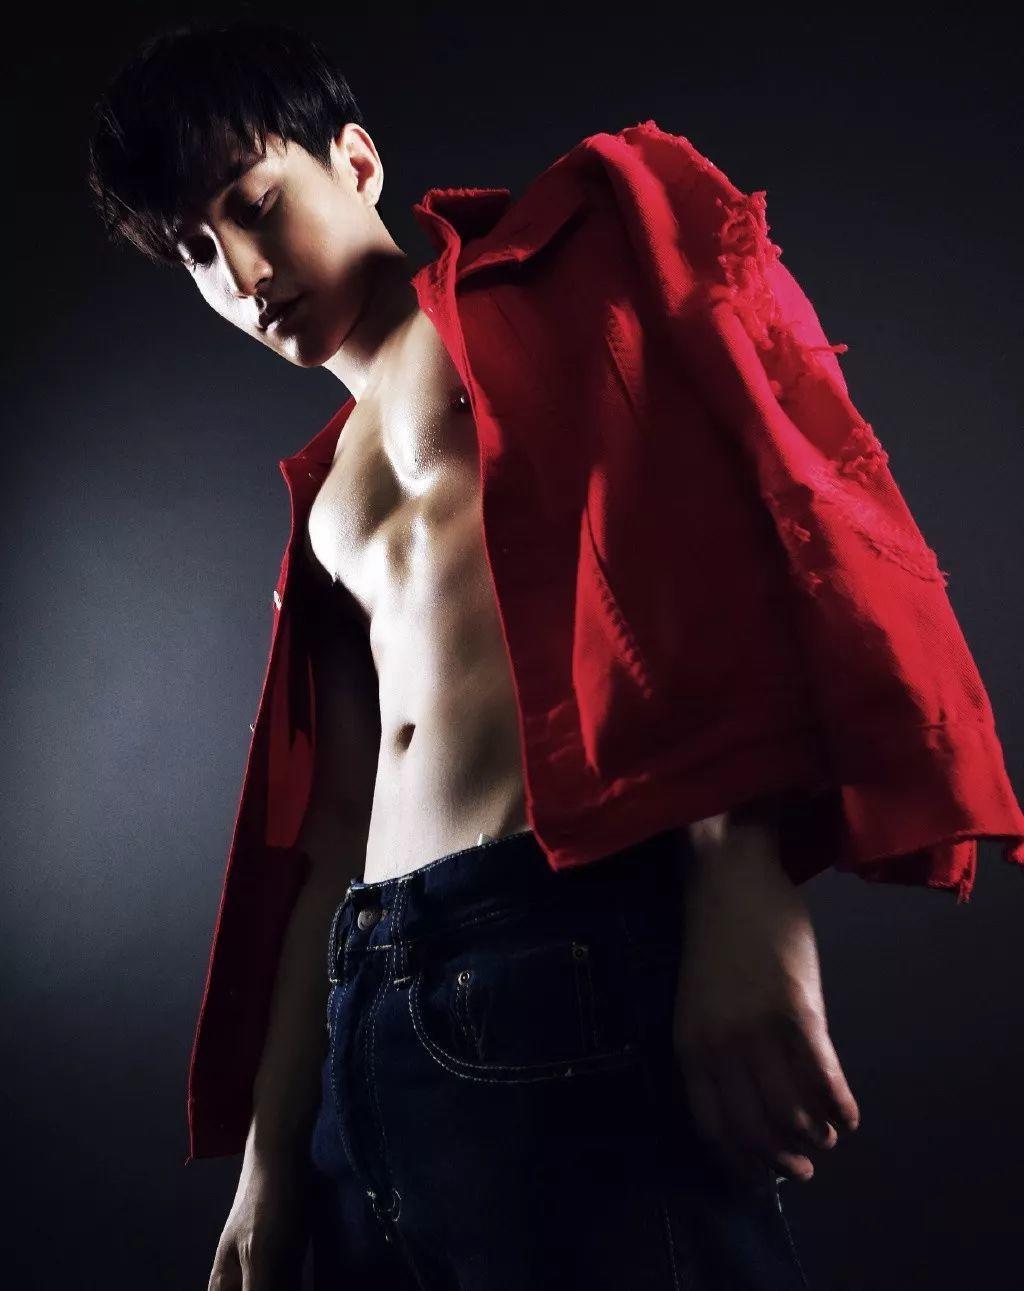 与吴尊同框自带大胸翘臀,如今的男艺人身材也太正了吧!